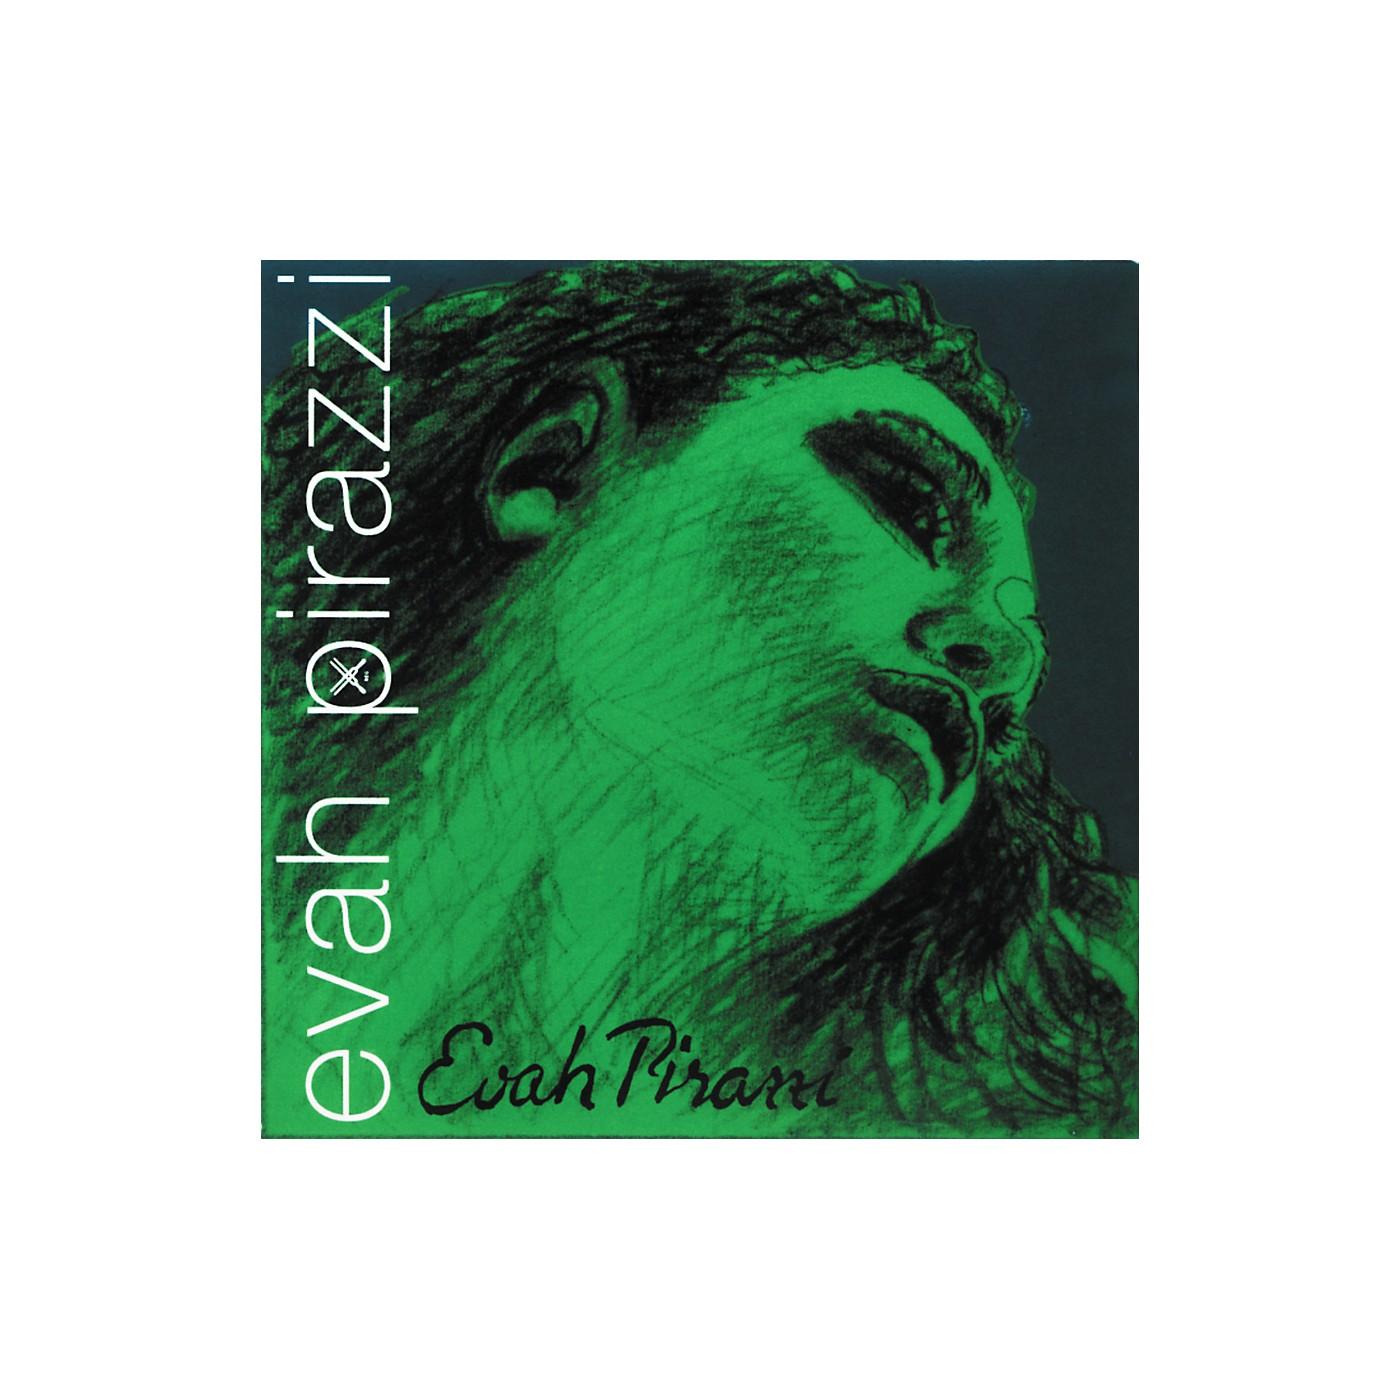 Pirastro Evah Pirazzi Series Cello String Set thumbnail